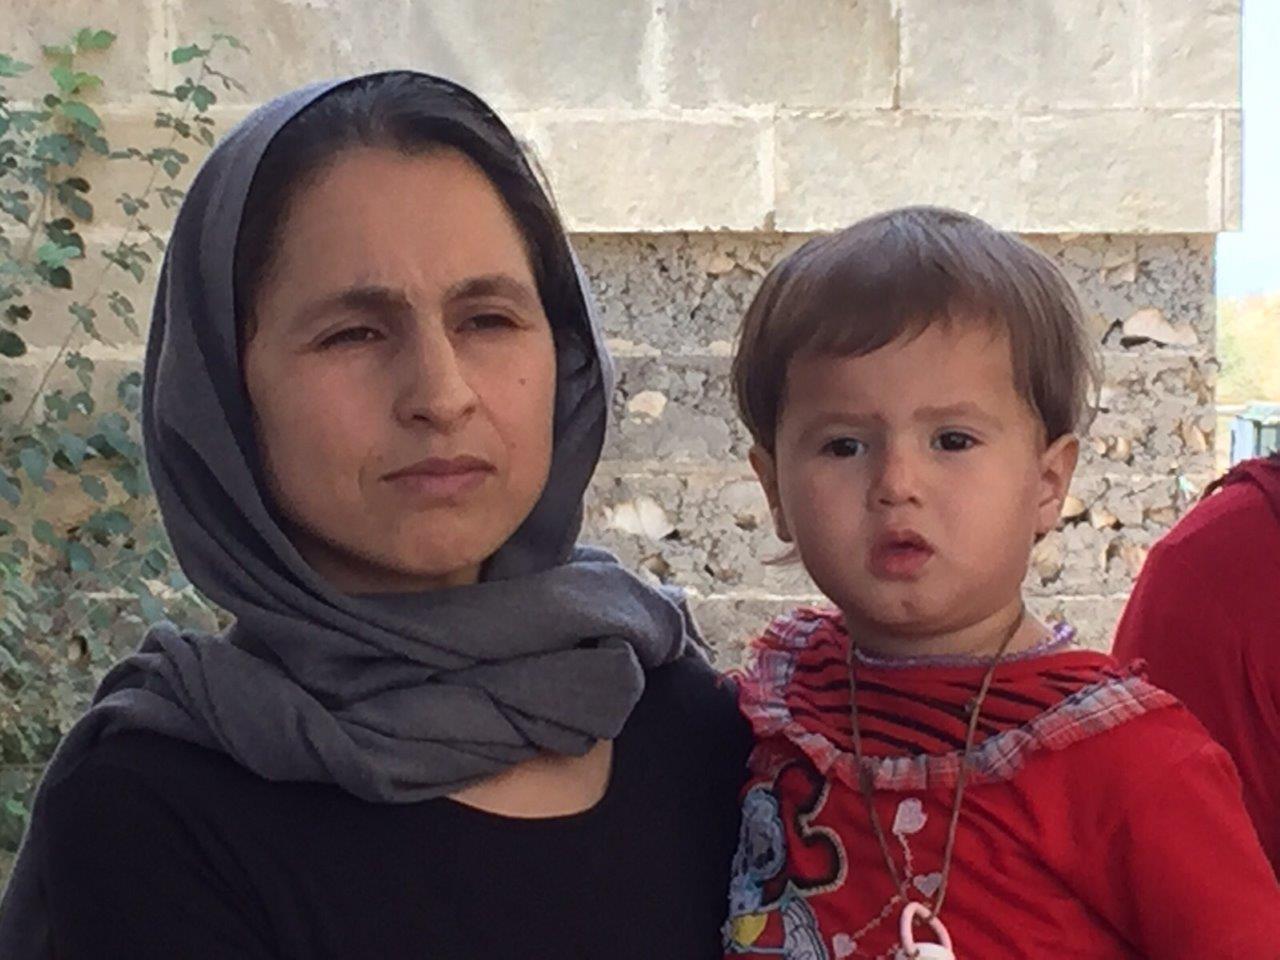 Aide aux Chrétiens d'Irak au Kurdistan irakien